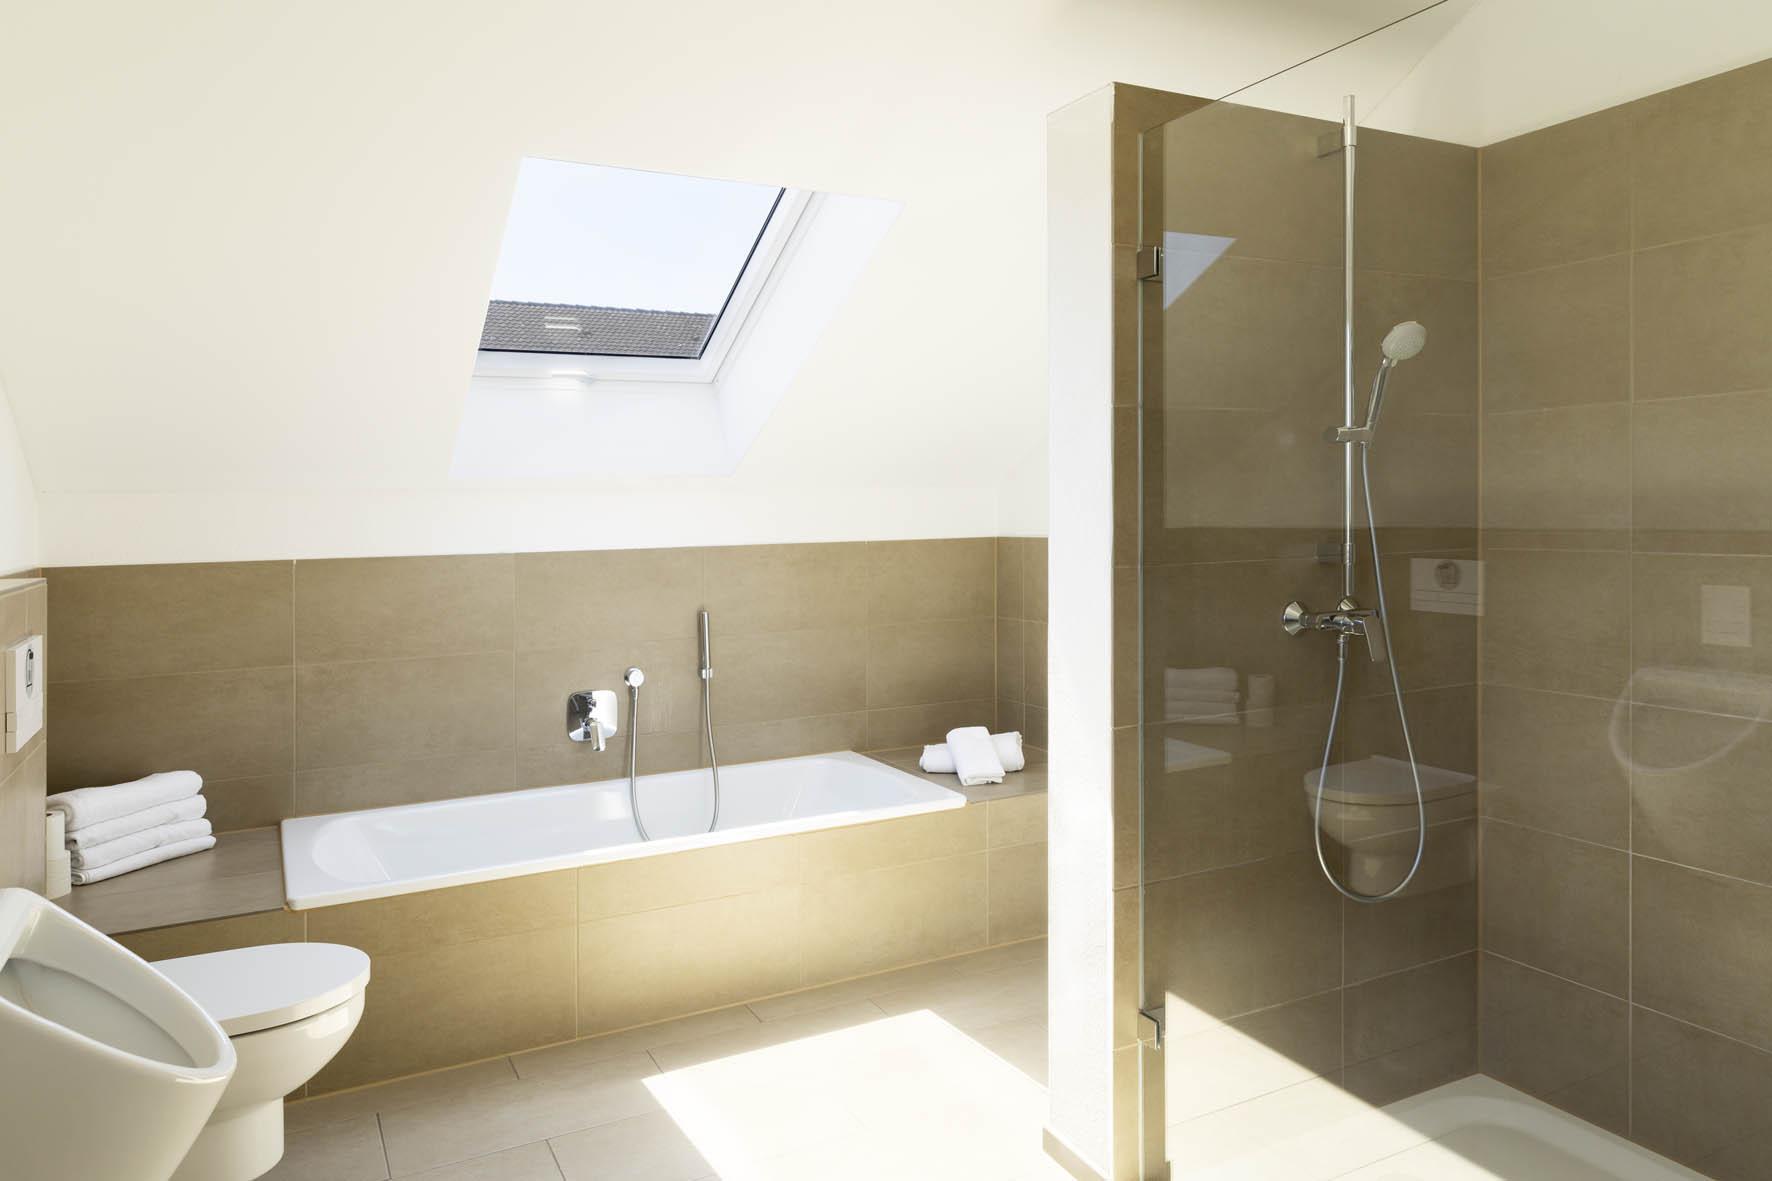 Modernes Bad mit Badewanne - Green Guest House